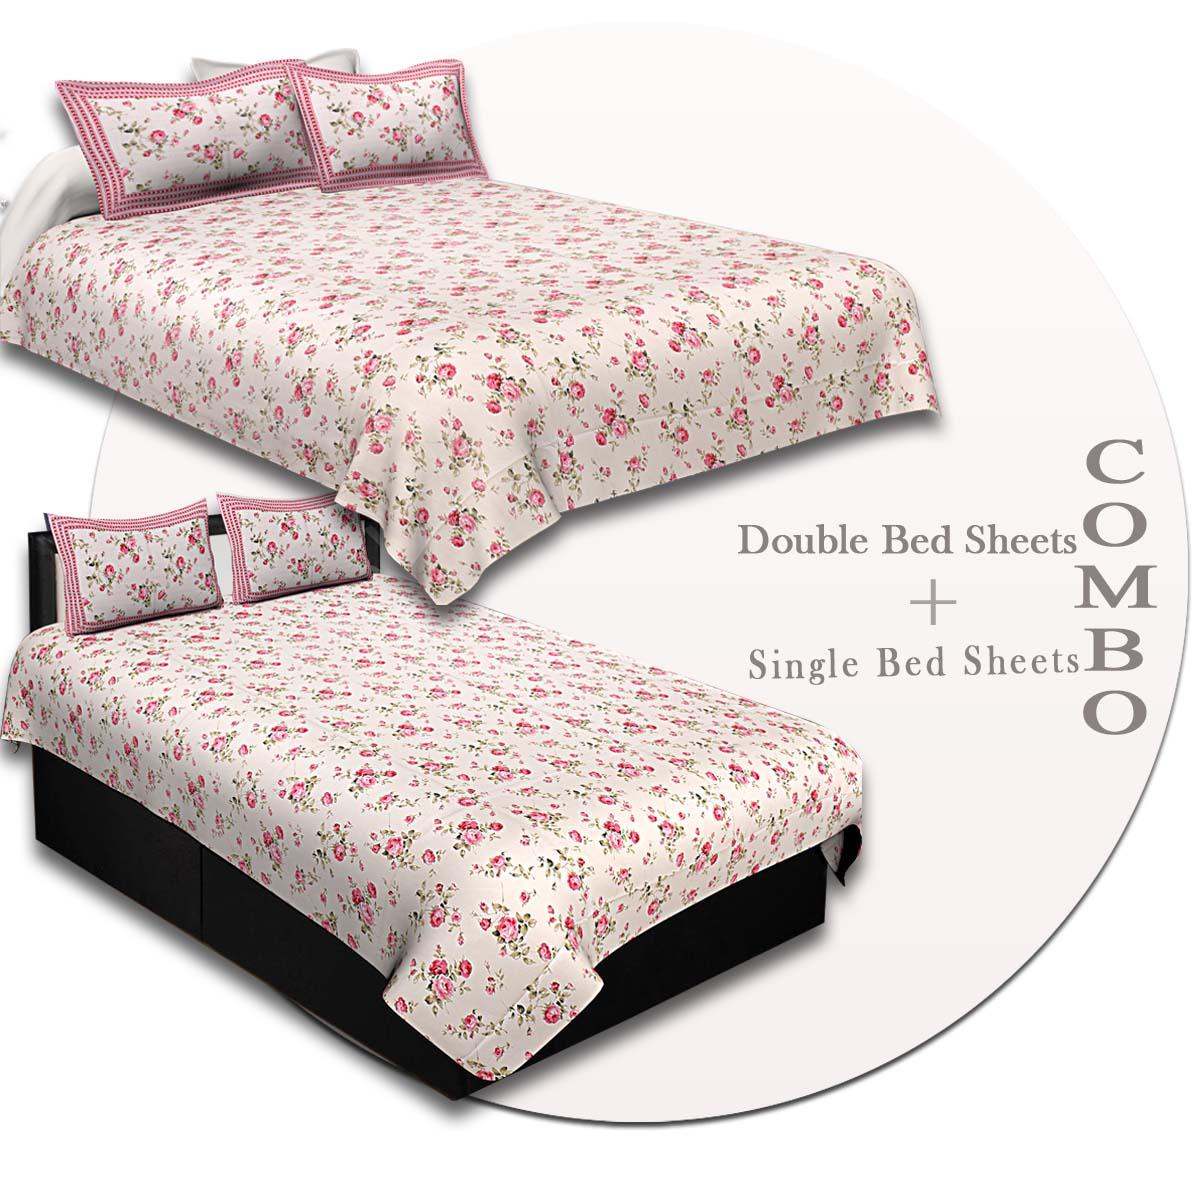 Combo96 Set Of 1 Double Bedsheet And 1 Single Bedsheet